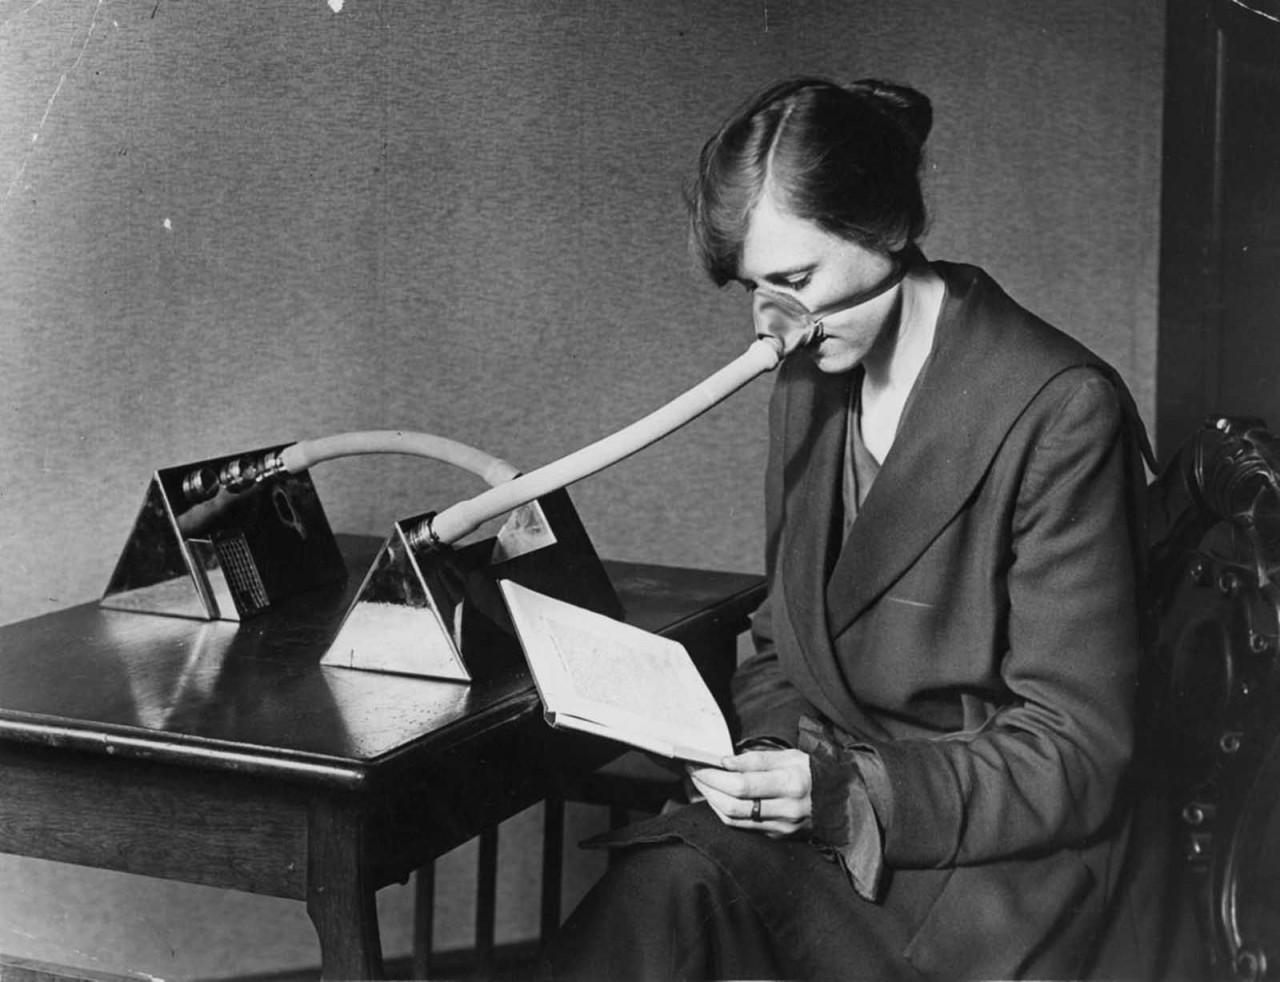 Маска от гриппа во время эпидемии 1919 года